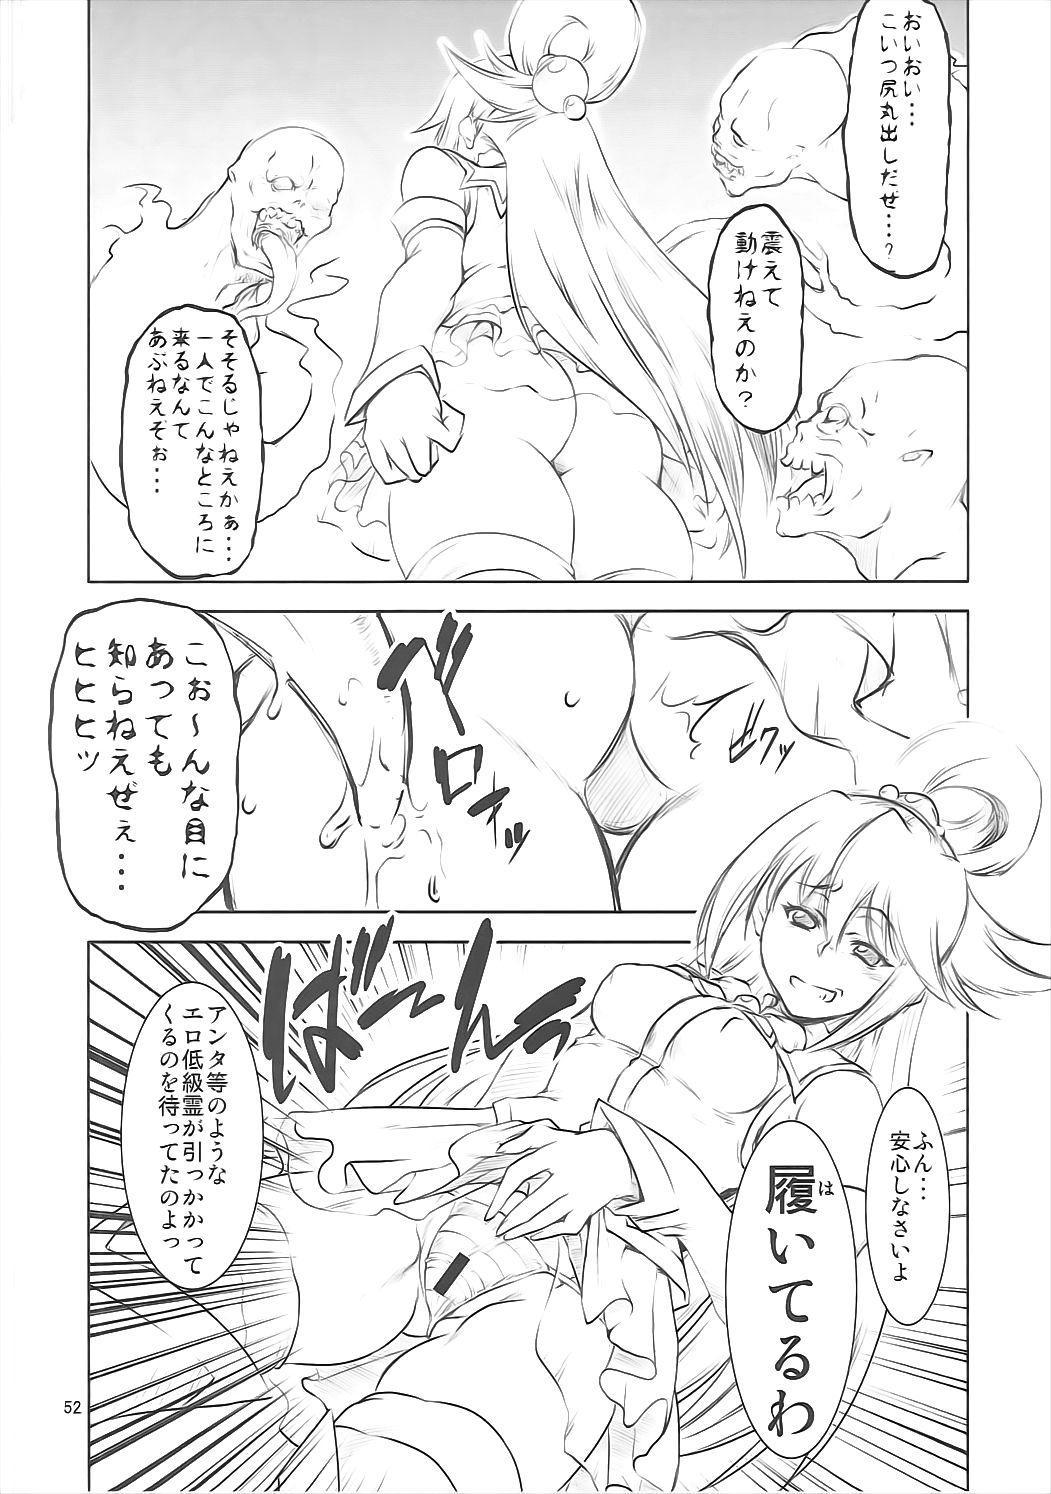 FD Vol. 5 50